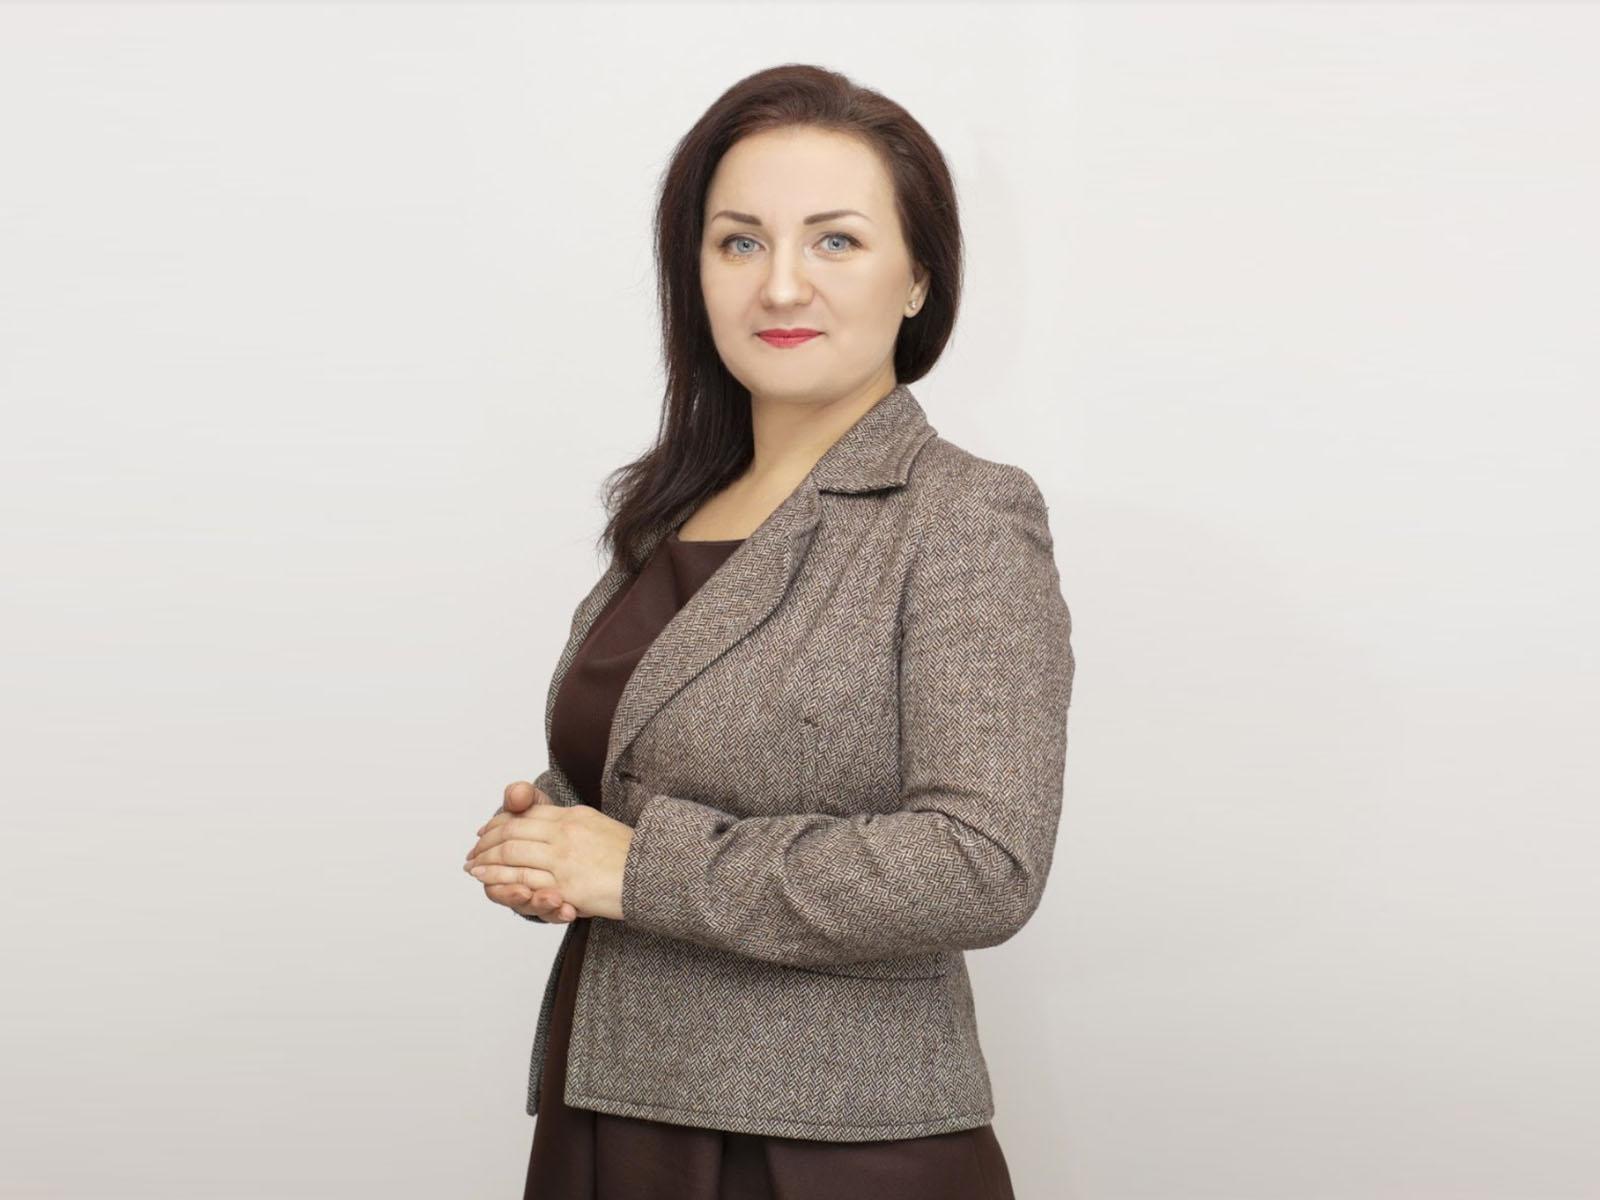 Ольга Эспираль. Социолог, блогер, коуч, психолог